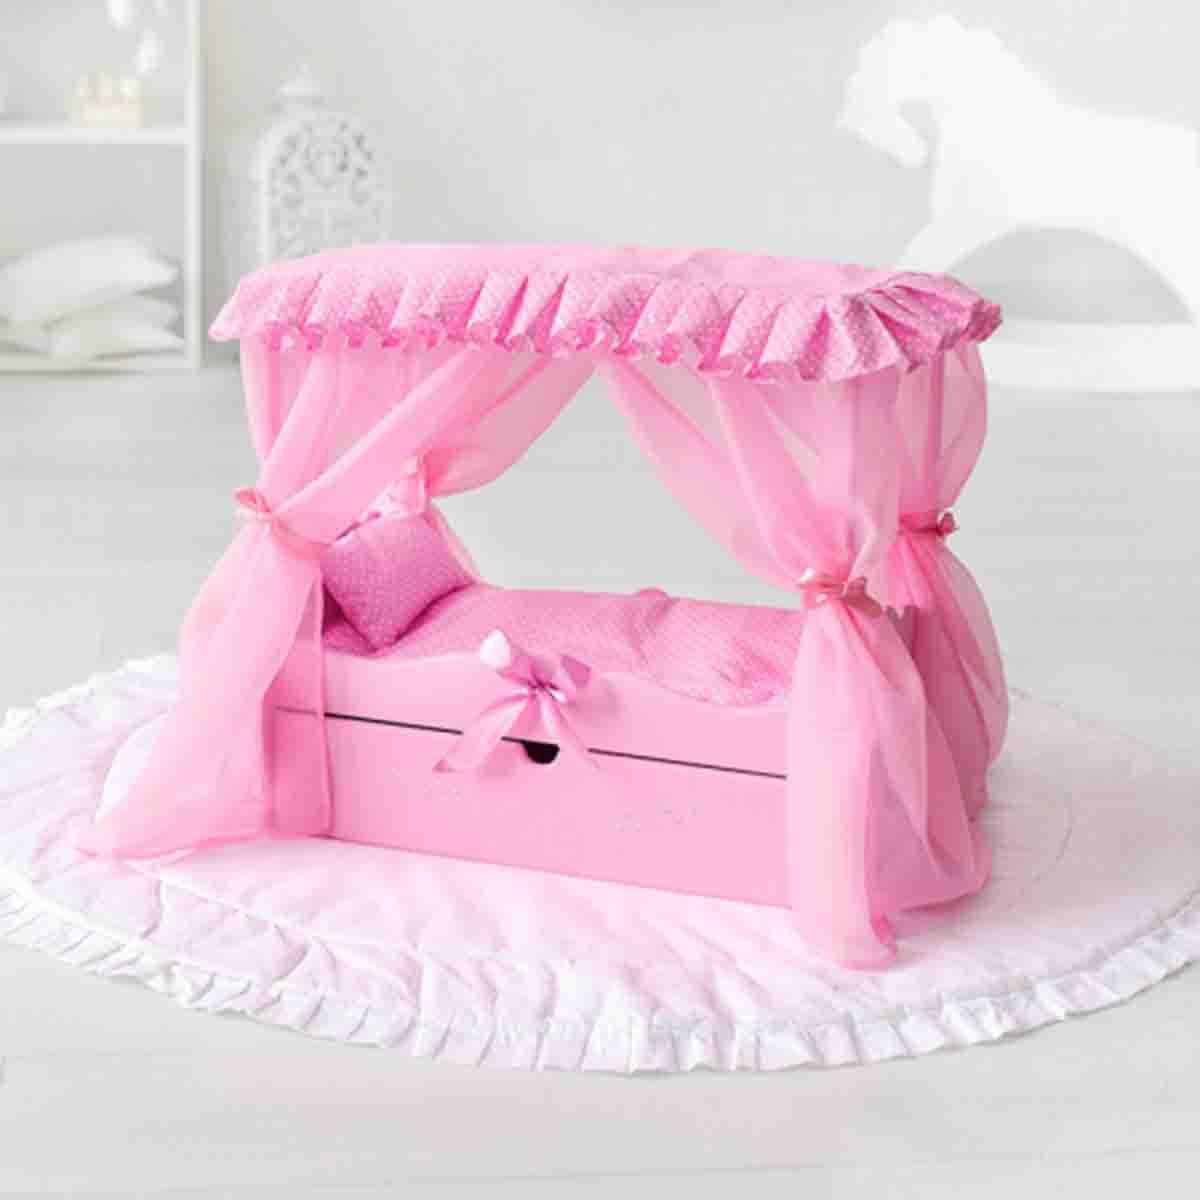 Купить Кровать с выдвижным ящиком для кукол с постельным бельем и балдахином, розовый, Paremo